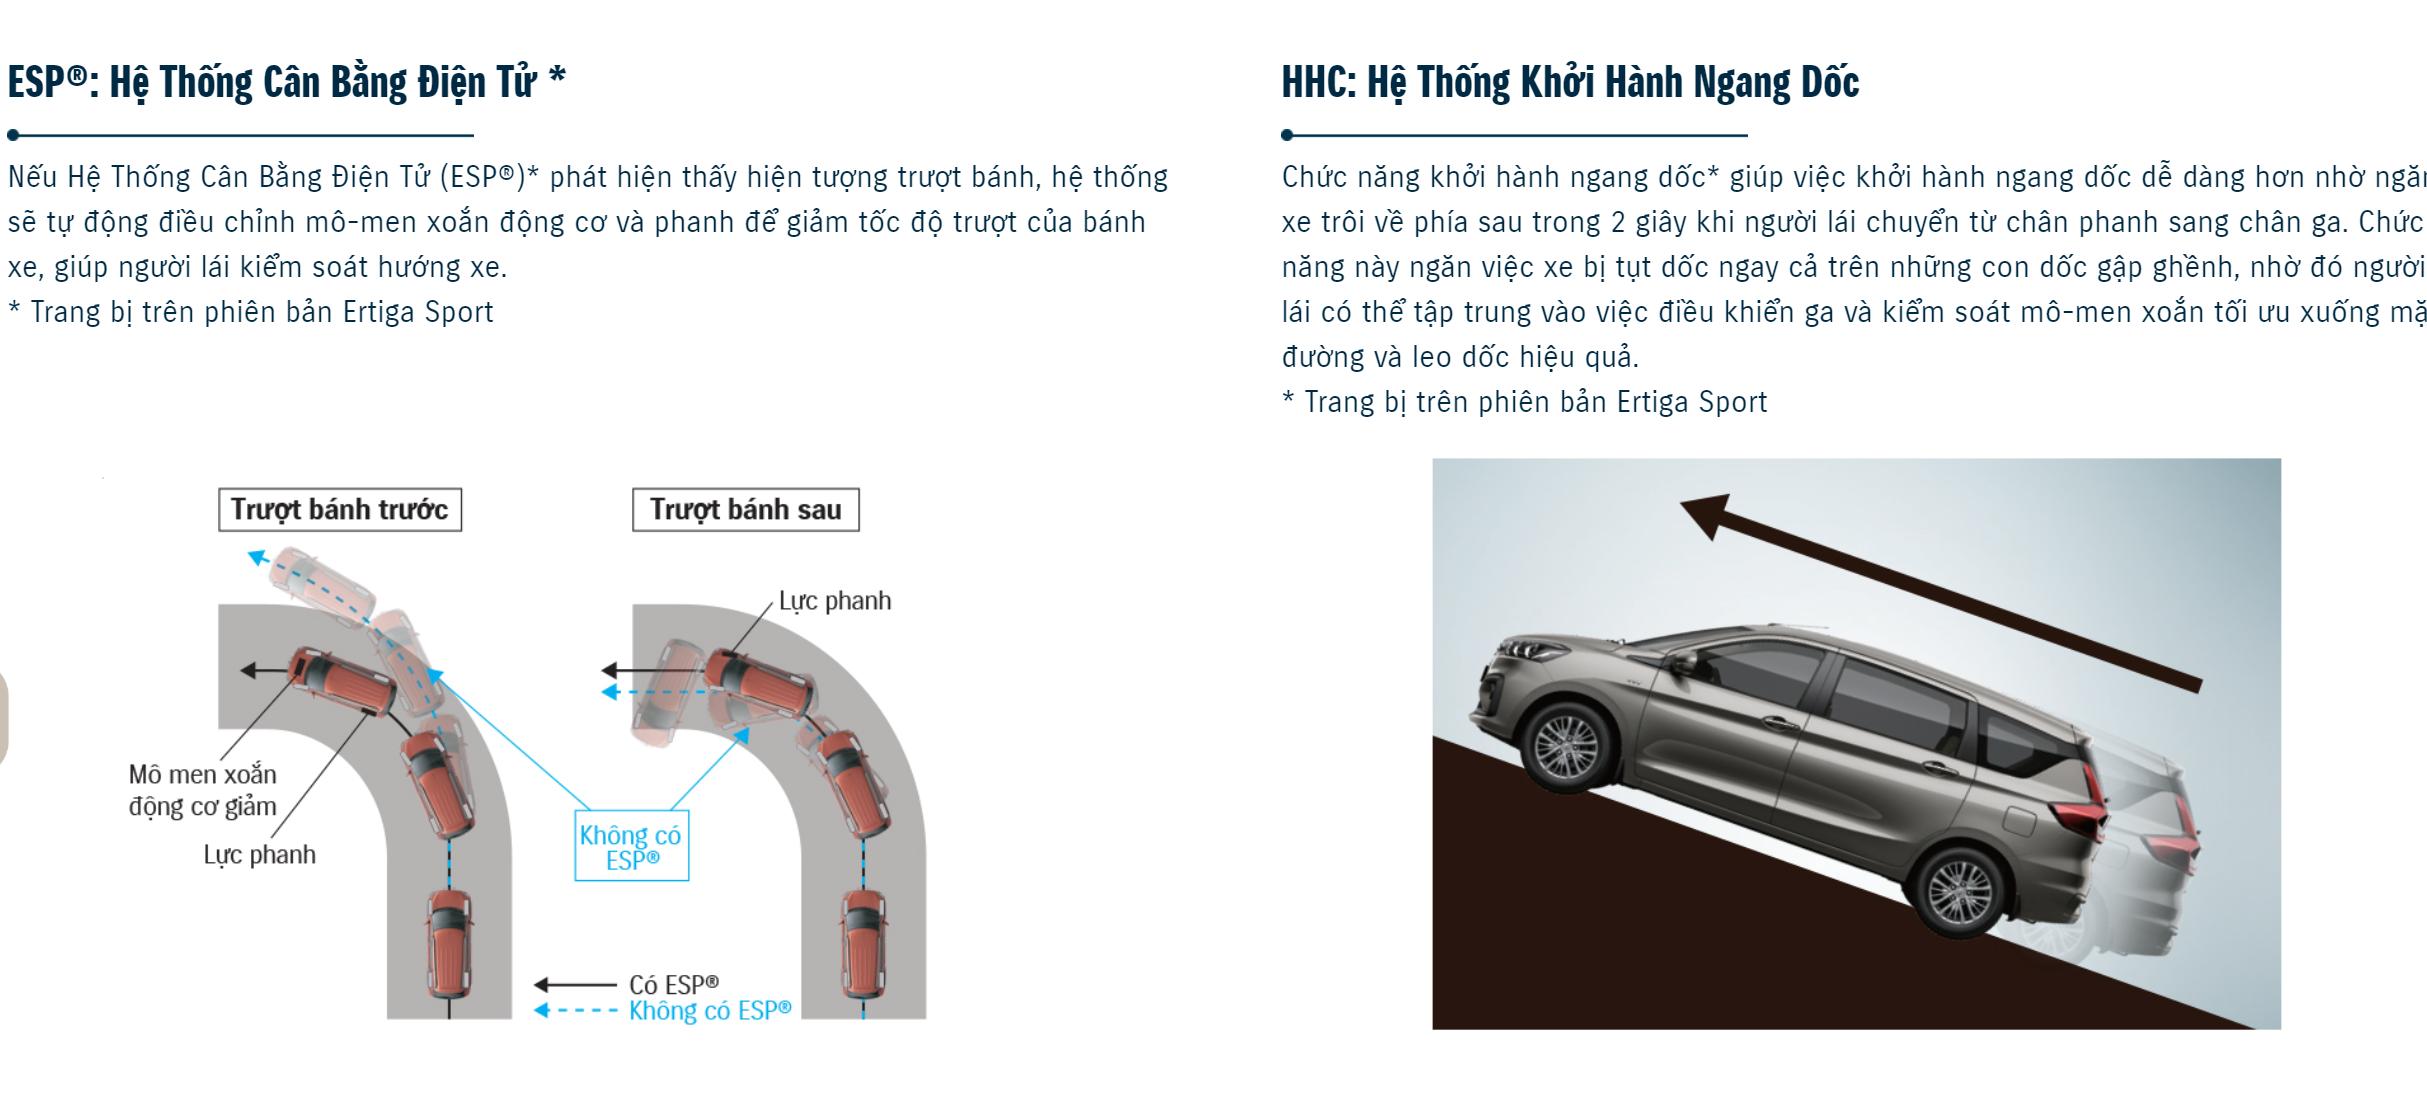 Xe Suzuki Ertiga được đánh giá cao về độ an toàn nhờ hệ thống ESP và HHC